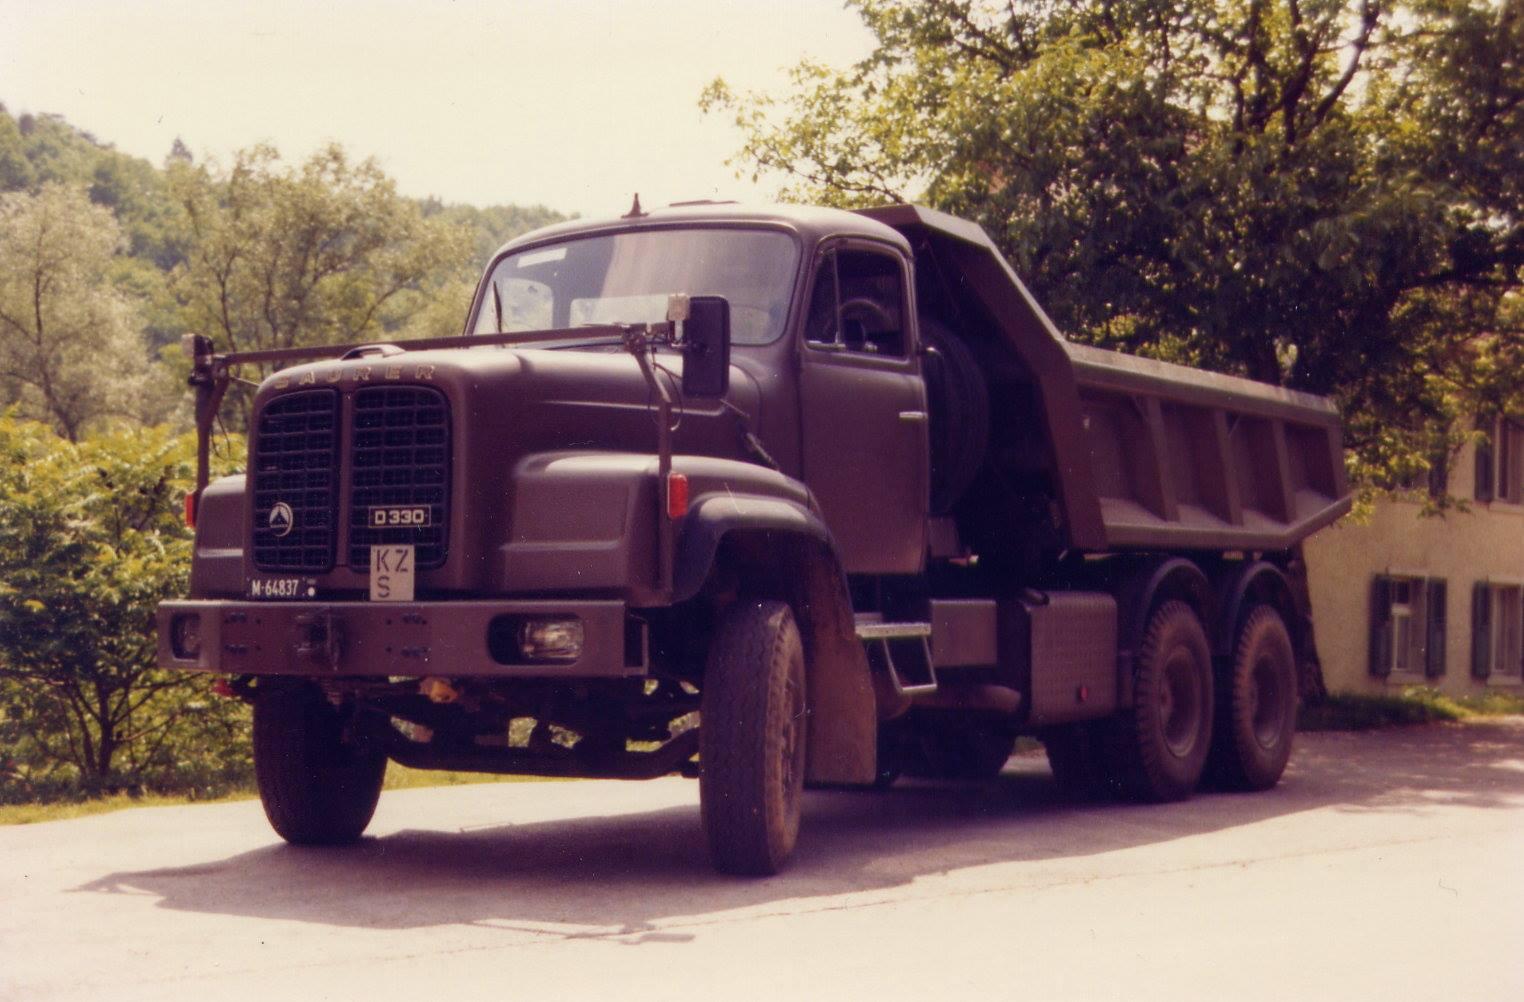 Saurer-D330-6X4